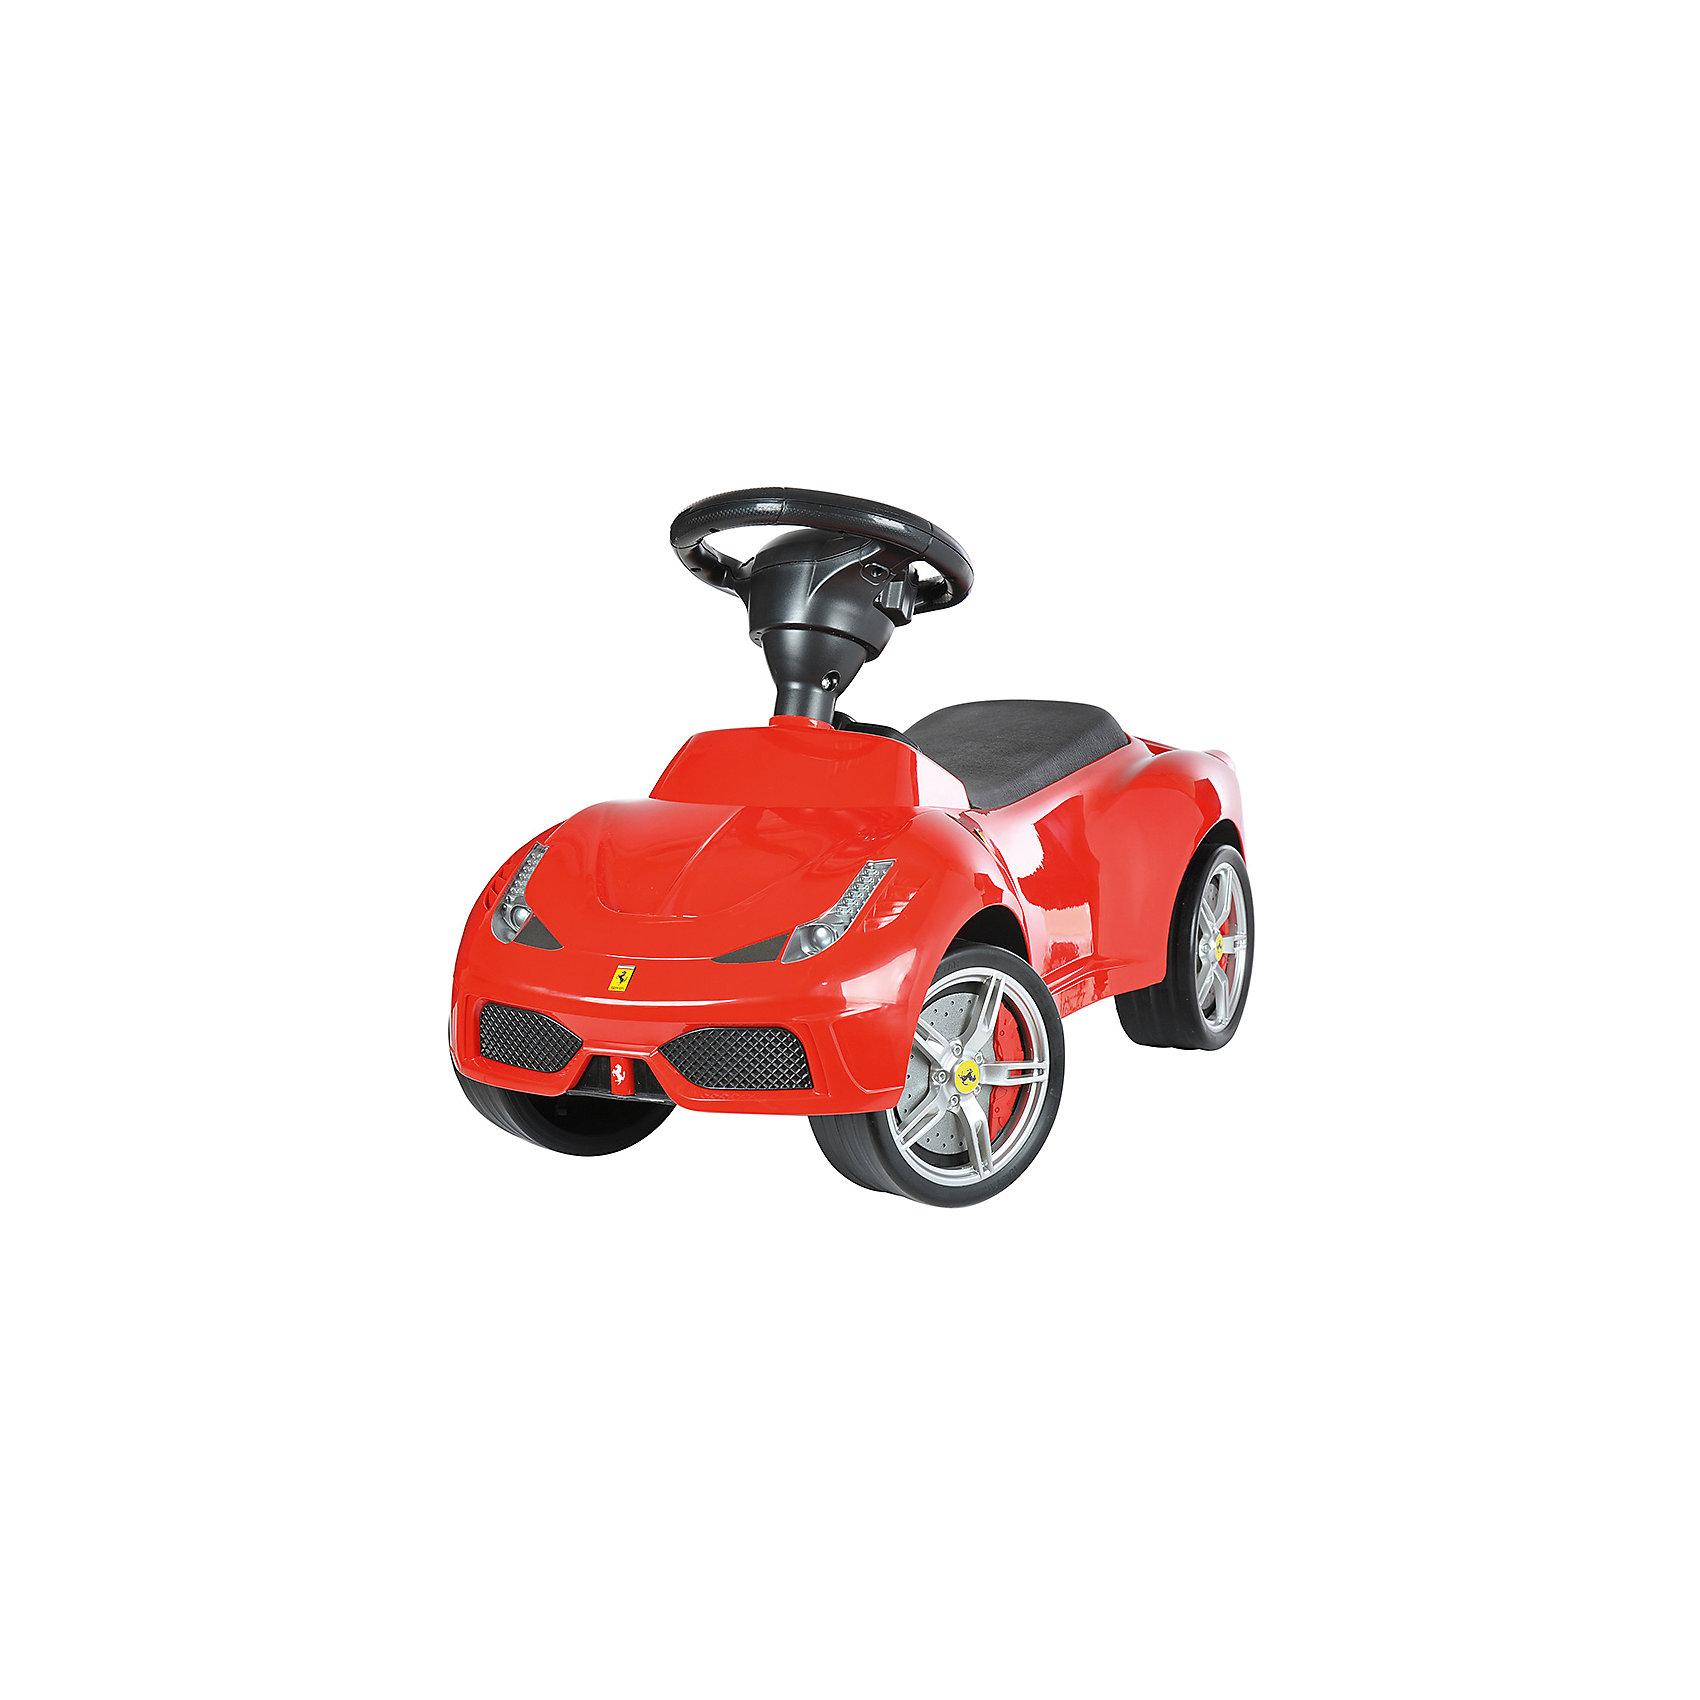 Каталка Ferrari 458 Speciale A,  красный, RASTARКаталка Ferrari 458 Speciale A, красный, RASTAR - осчастливьте своего ребенка безопасной детской машиной.<br>Благодаря тому, что каталка имеет устойчивую конструкцию и колеса с поворотом на 90 градусов, она полностью безопасна для ребенка, даже если он любит быструю езду.  На руле есть кнопка для звукового сигнала. Ход машины очень плавный, может ездить вперед и назад. Есть вместительный багажник для игрушек или вещей, под сиденьем. Машина сделана под марку «Ferrari» с сидениями из искусственной кожи.<br><br>Дополнительная информация:<br><br>- вес: 3,8 кг<br>- возраст: от 1 до 3 лет<br>- максимальный вес: до 30 кг<br>- цвет: красный<br><br>Каталку Ferrari 458 Speciale A, красный, RASTAR можно купить в нашем интернет магазине.<br><br>Ширина мм: 650<br>Глубина мм: 350<br>Высота мм: 300<br>Вес г: 3800<br>Возраст от месяцев: 12<br>Возраст до месяцев: 36<br>Пол: Унисекс<br>Возраст: Детский<br>SKU: 4995159